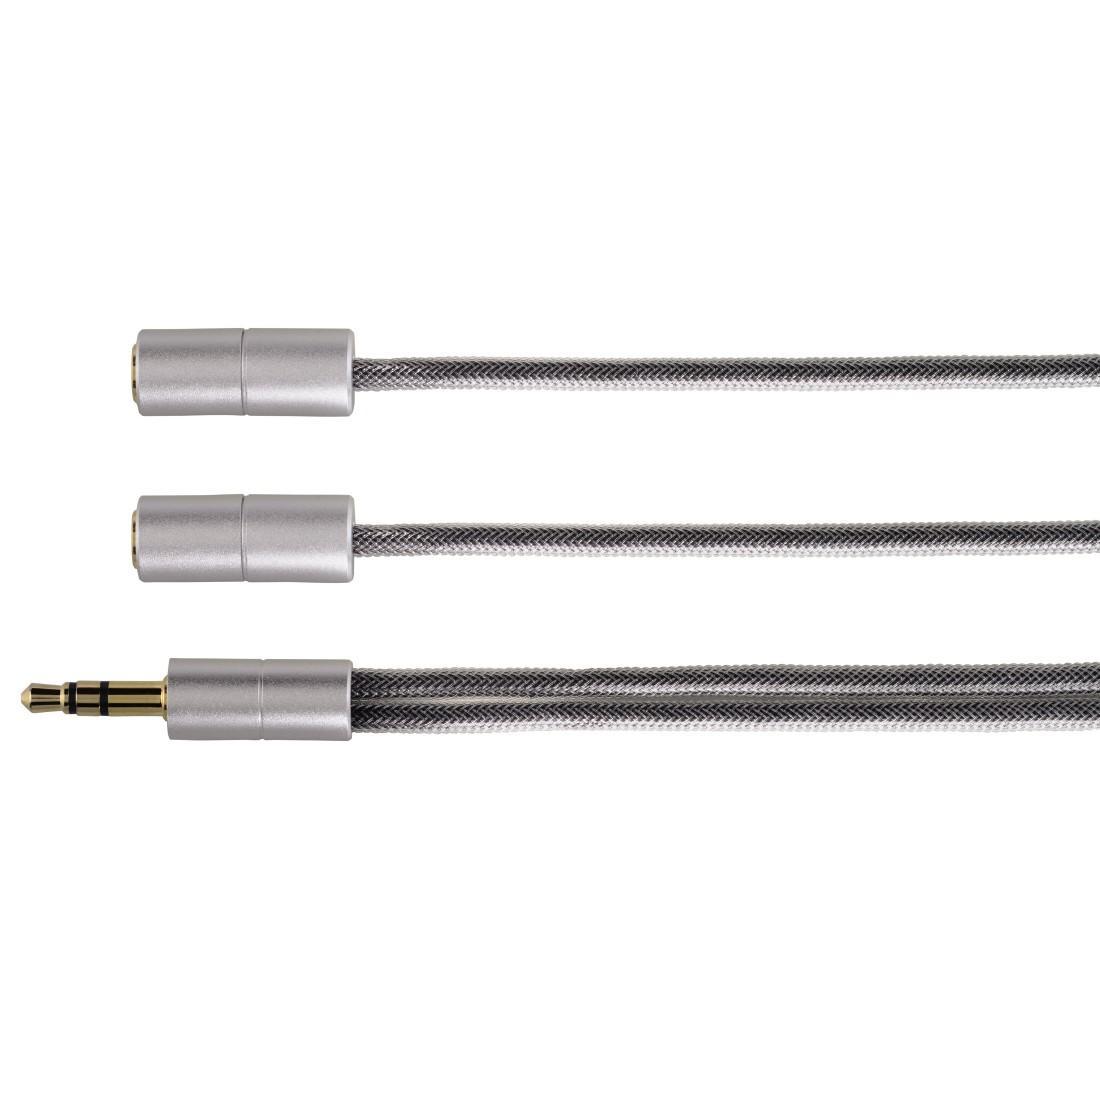 Адаптер HAMA 106334, 3.5 mm жак мъжко - 2 x 3.5 мм женско, стерео